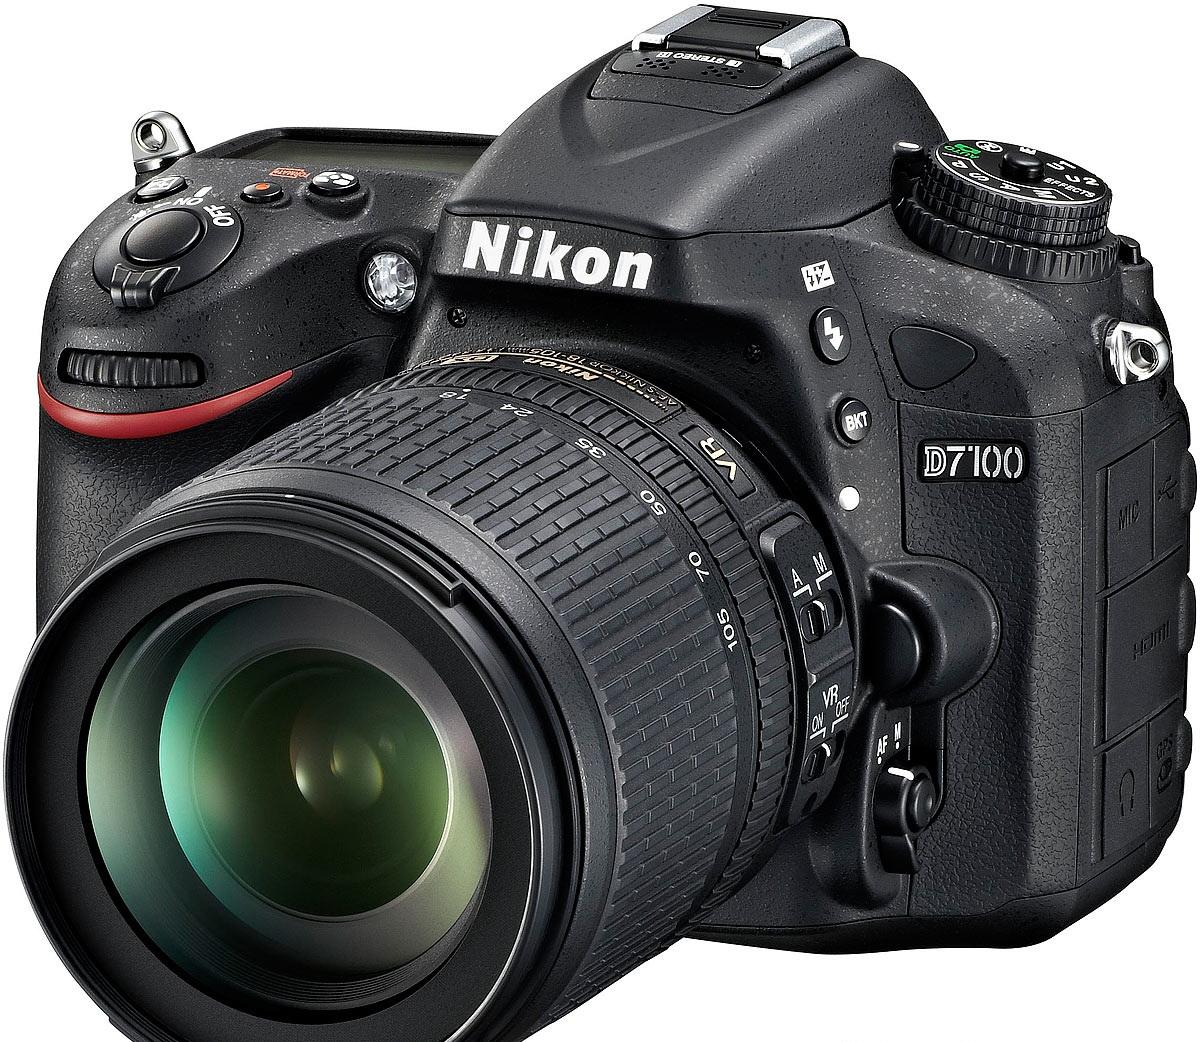 أسعار كاميرات نيكون ديجيتال Nikon فى مصر 2021